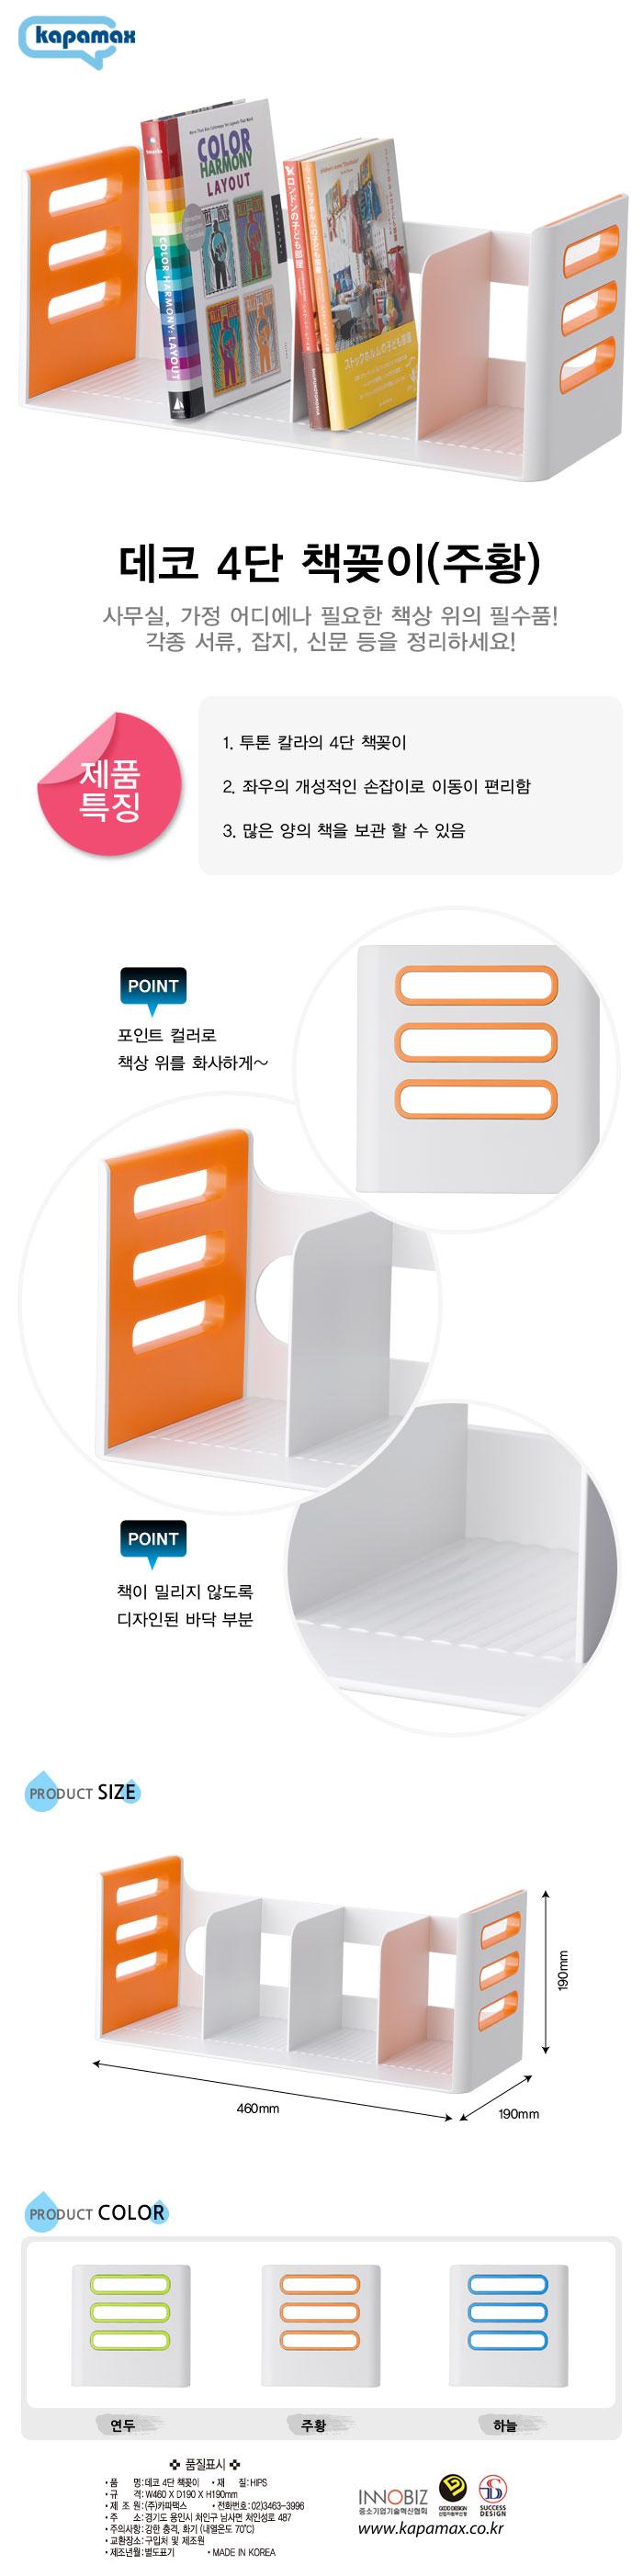 데코 4단 책꽂이(주황/카파맥스) - 오피스디포, 8,800원, 독서용품, 북앤드